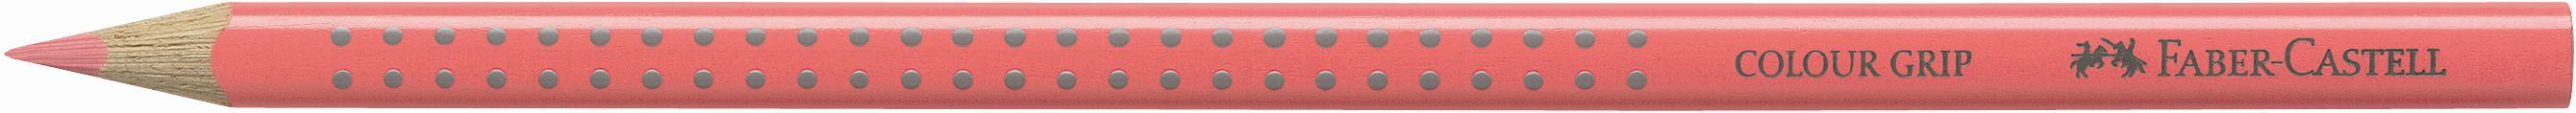 Pastelka Color Grip / 129 růžový Madder Faber Castell - Akvarelové pastelky Faber Castell - Akvarelové pastelky